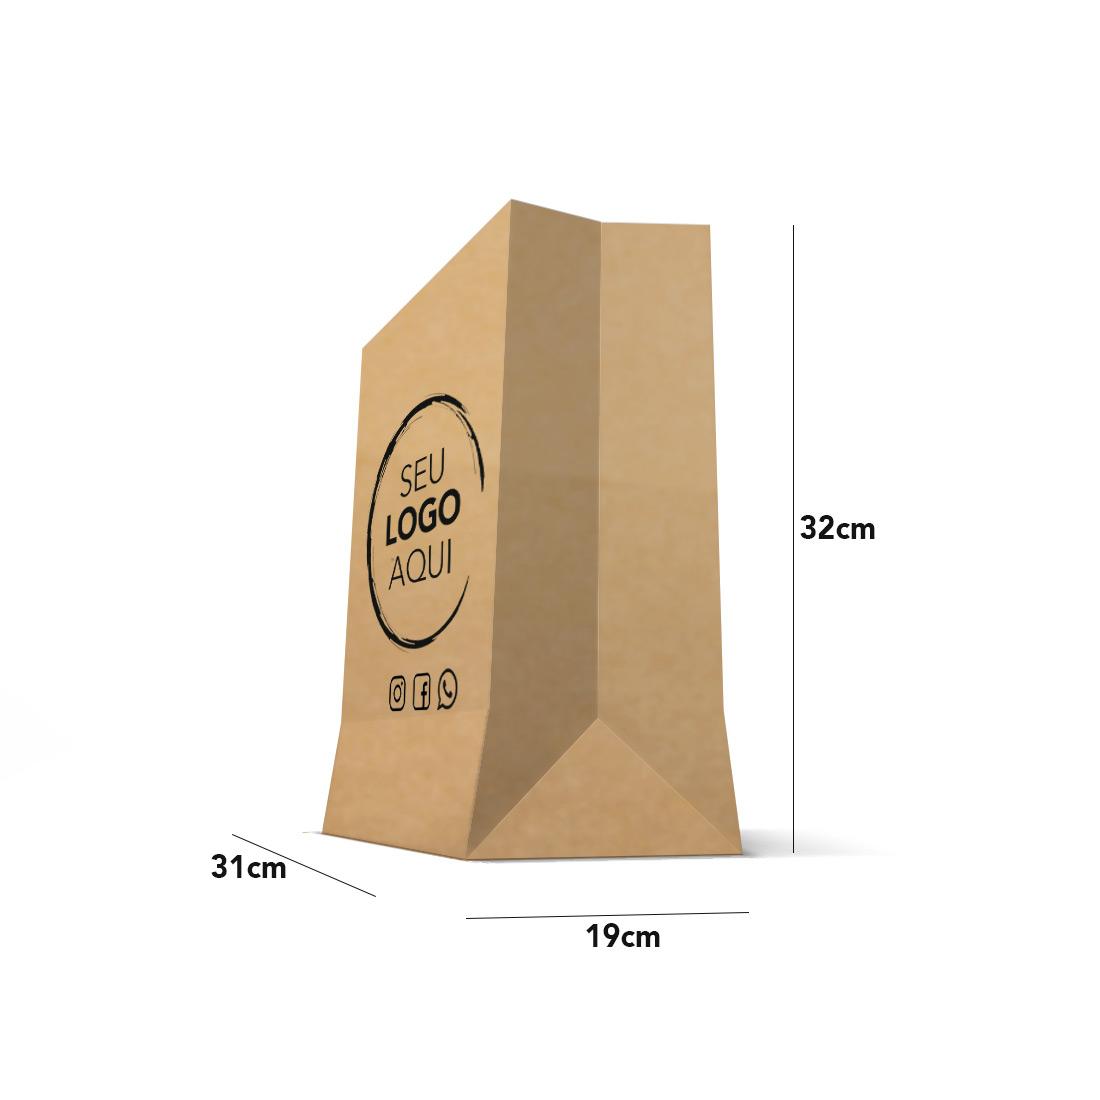 Saco Kraft Personalizado Tamanho Delivery Express (31 x 32 x 19)